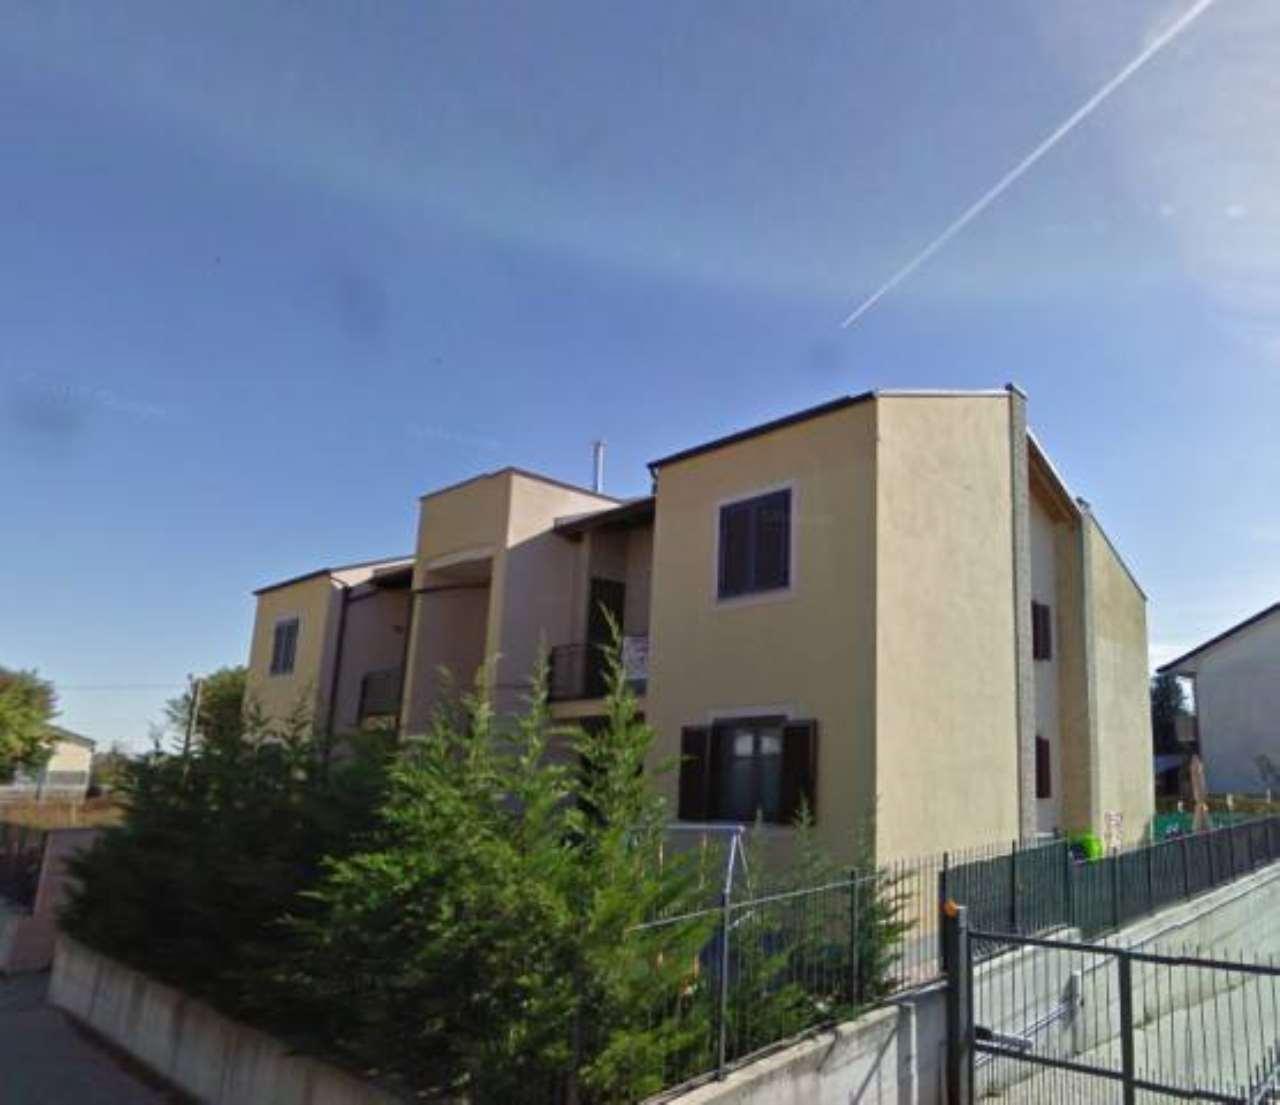 Appartamento in vendita a Carmagnola, 2 locali, prezzo € 70.875 | CambioCasa.it